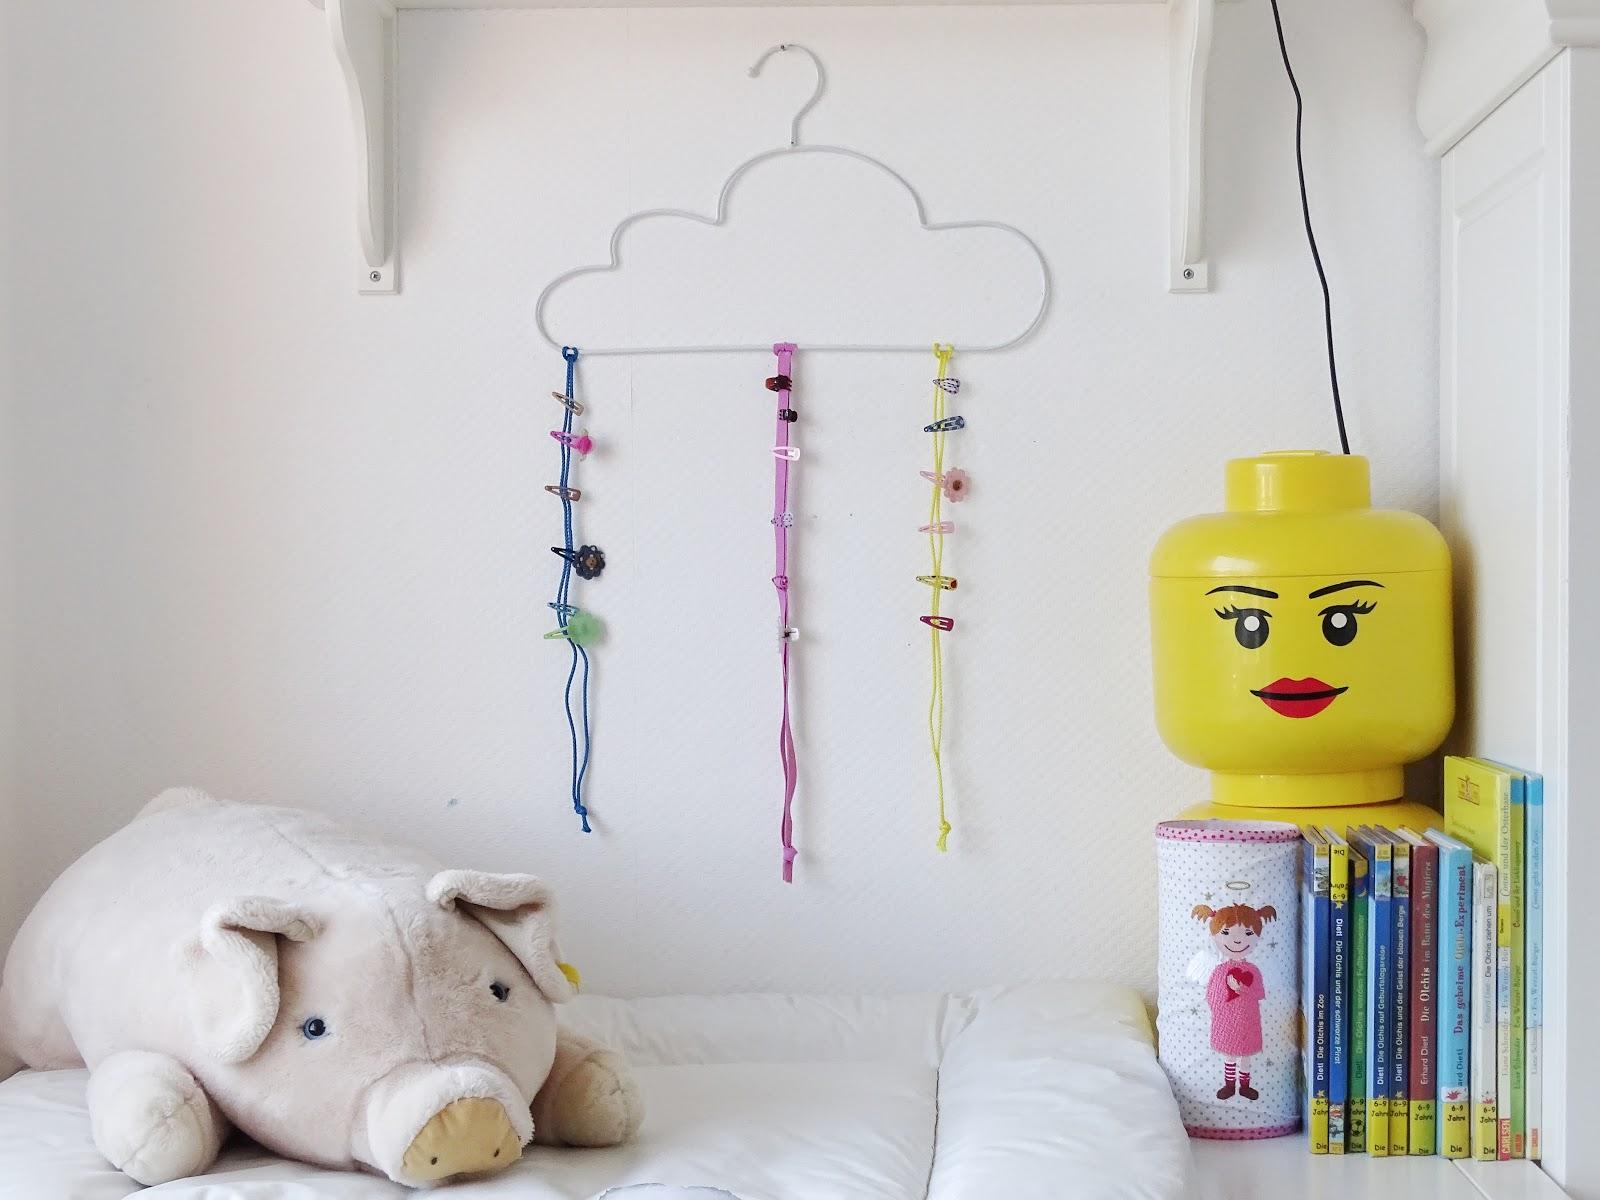 DIY-Aufbewahrung für Haarklammern und Deko-Idee Kinderzimmer - Fotoaktion #12von12 - http://mammilade.blogspot.de